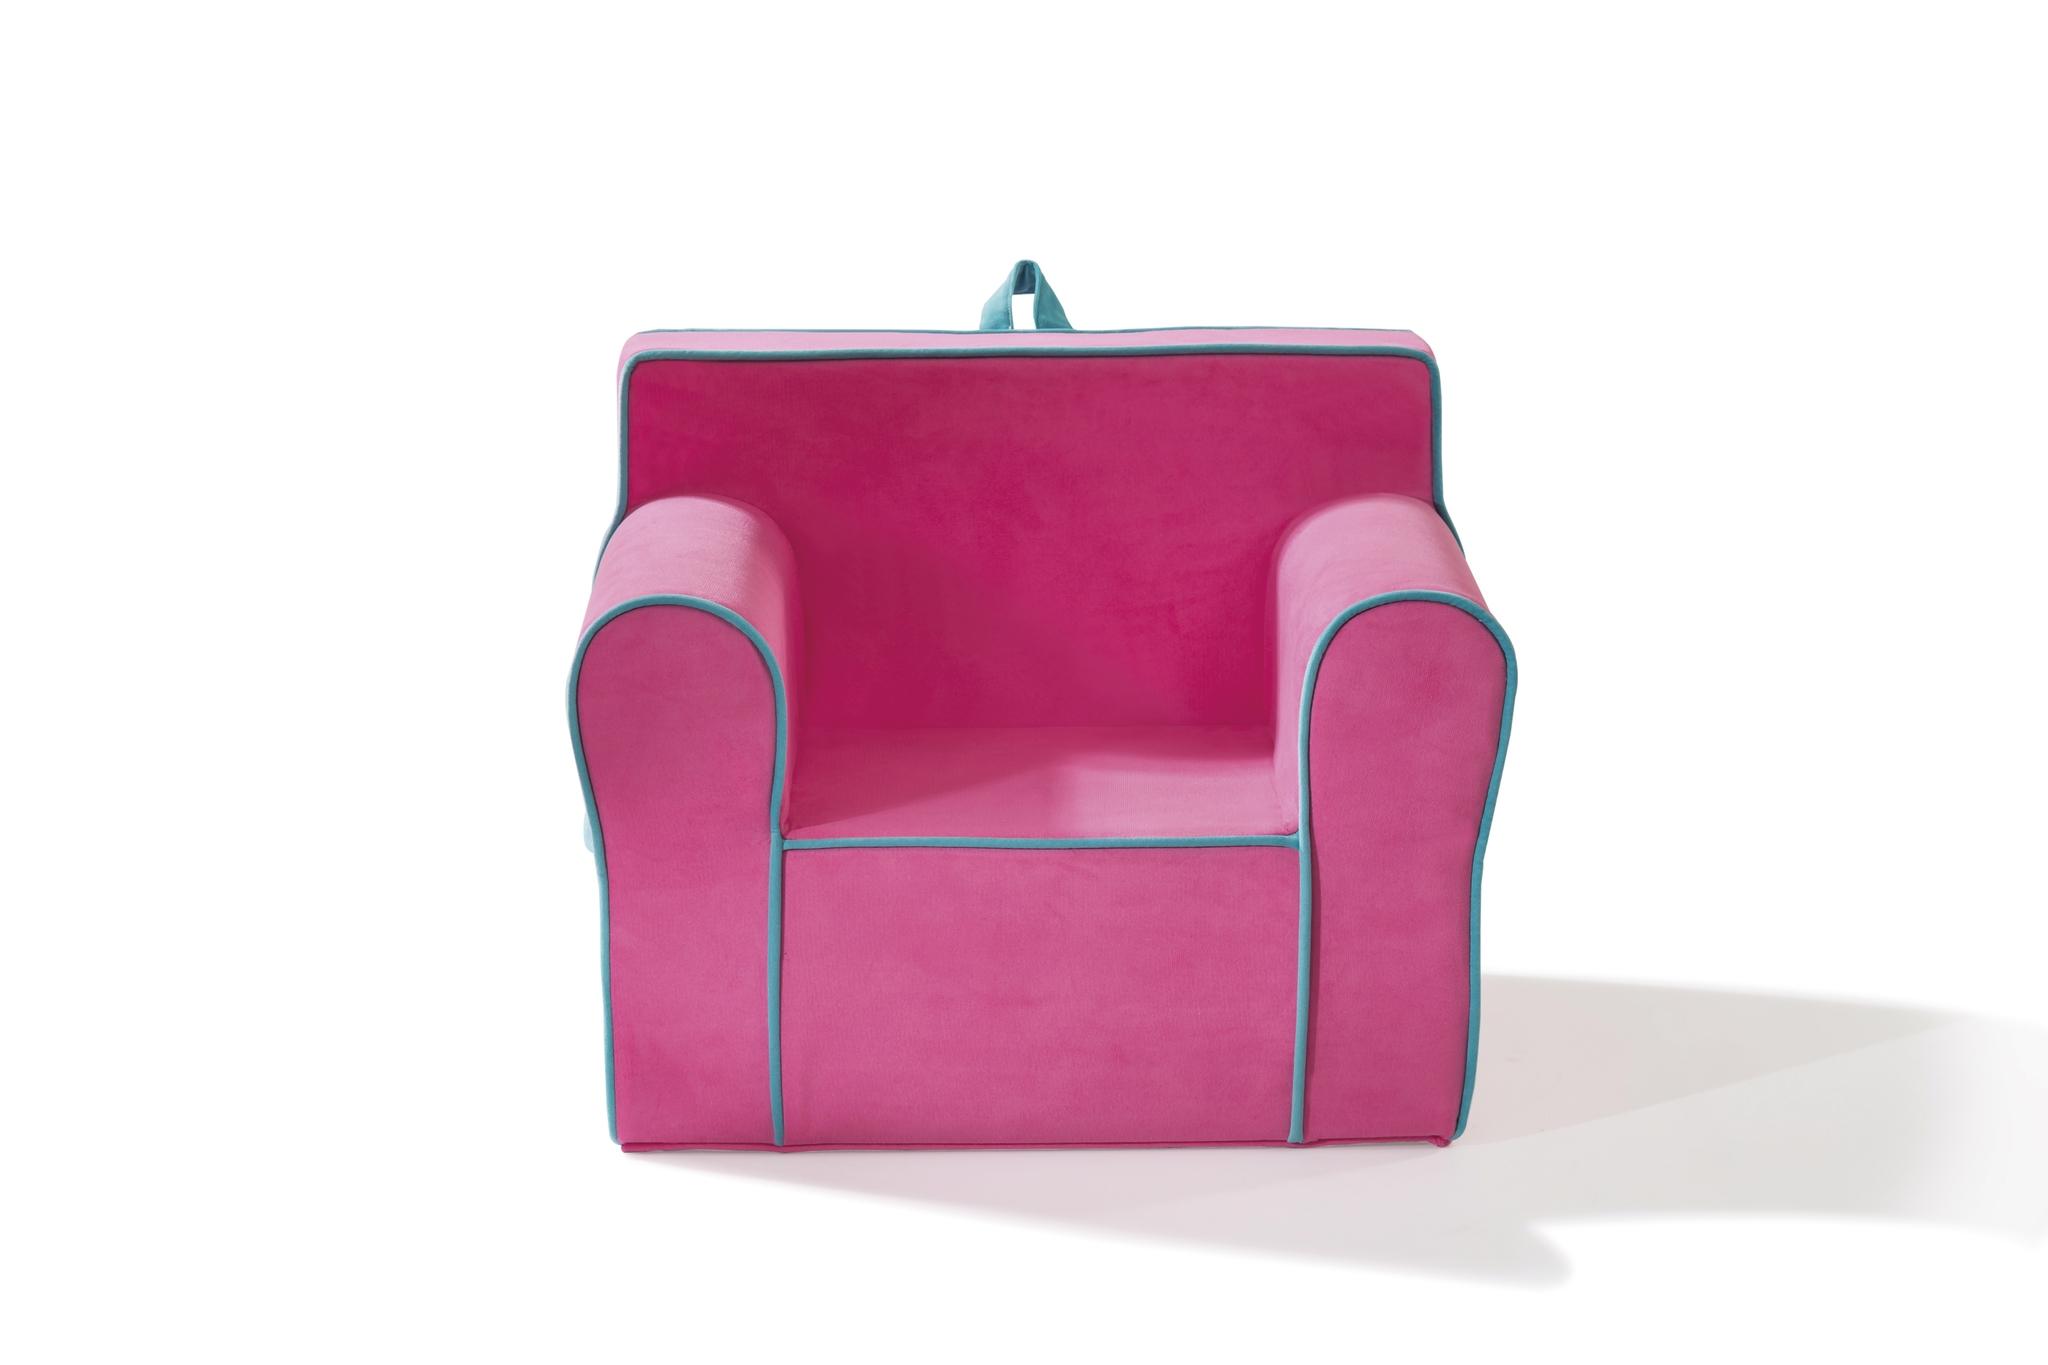 Fotoliu pentru copii tapitat cu stofa Comfort Pink, l61xA49xH52 cm imagine